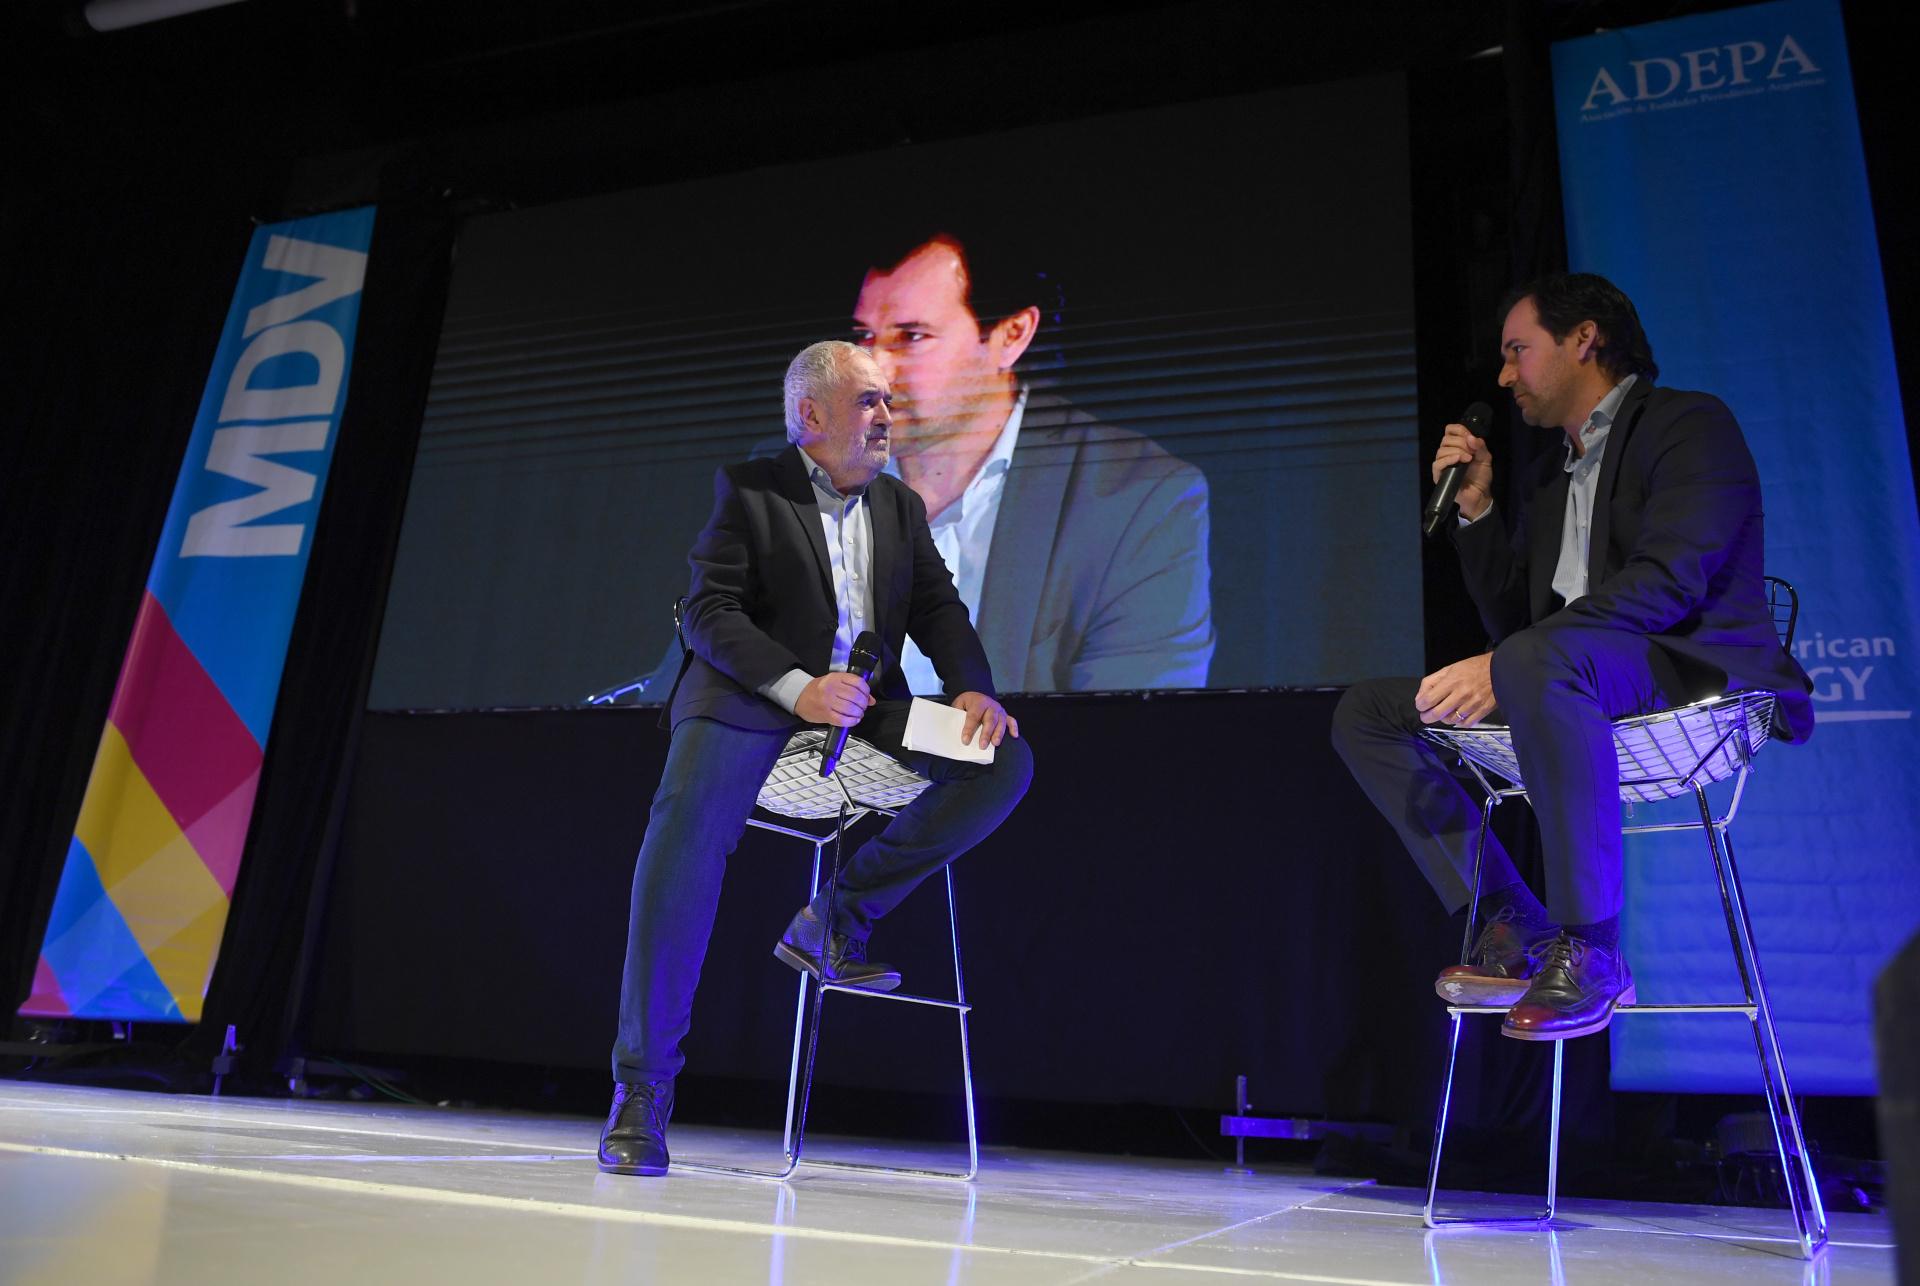 Carlos Acosta, editor de Reporte Publicidad, dialogó con Ezequiel Jones, director de Medios de Unilever para Latinoamérica sobre los nuevos paradigmas en el mundo de la publicidad